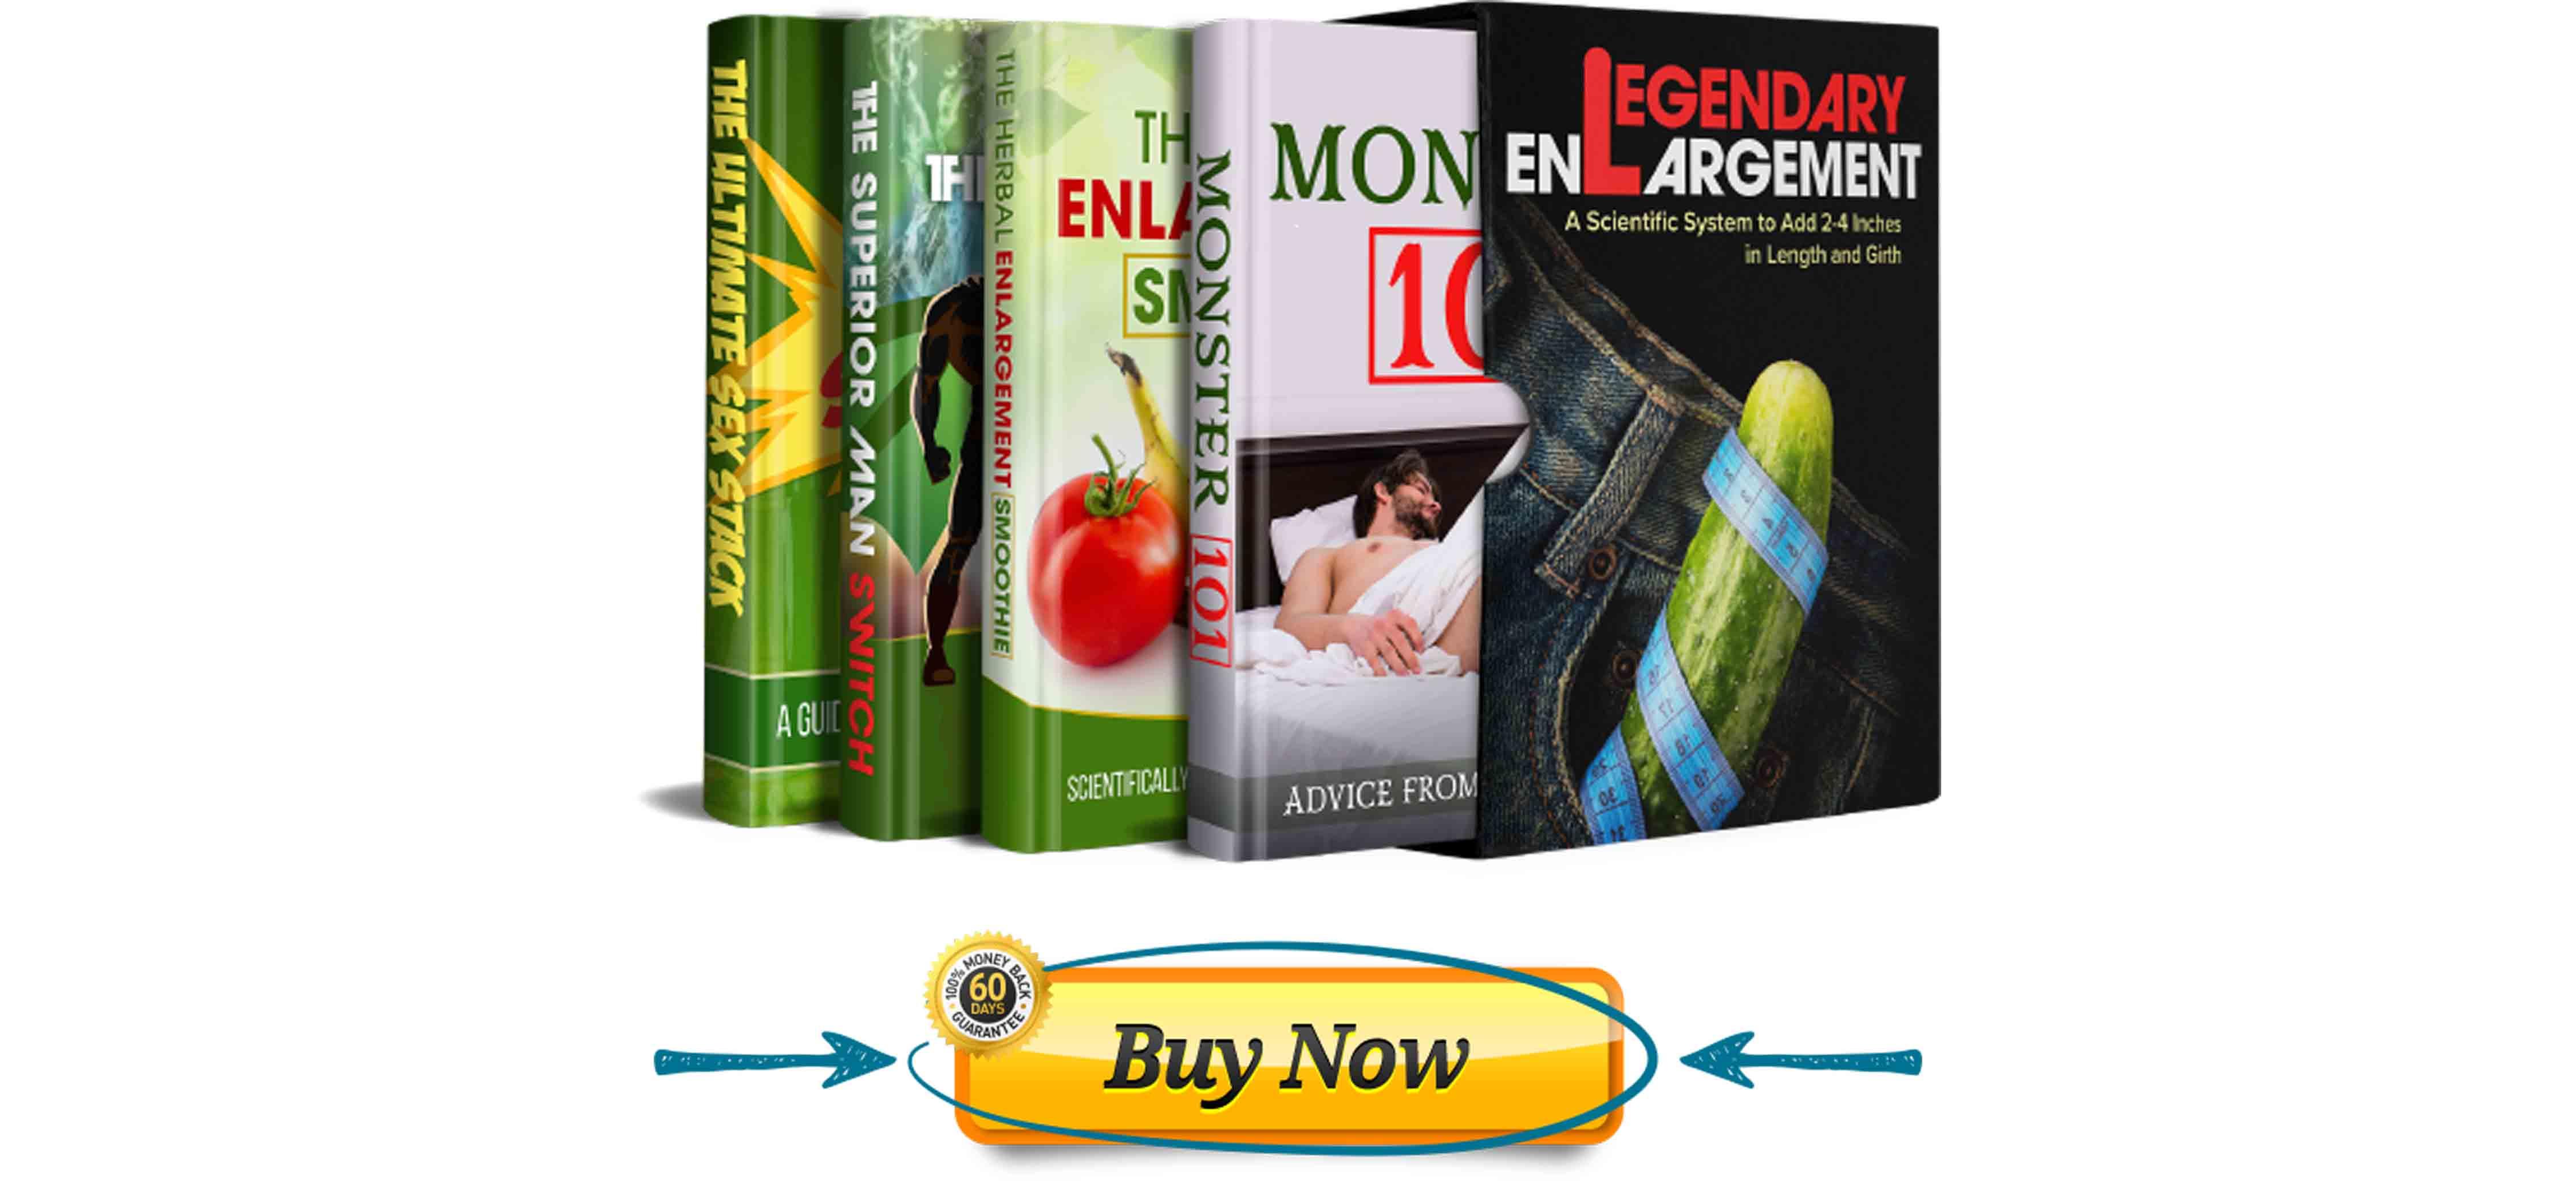 Legendary Enlargement Download